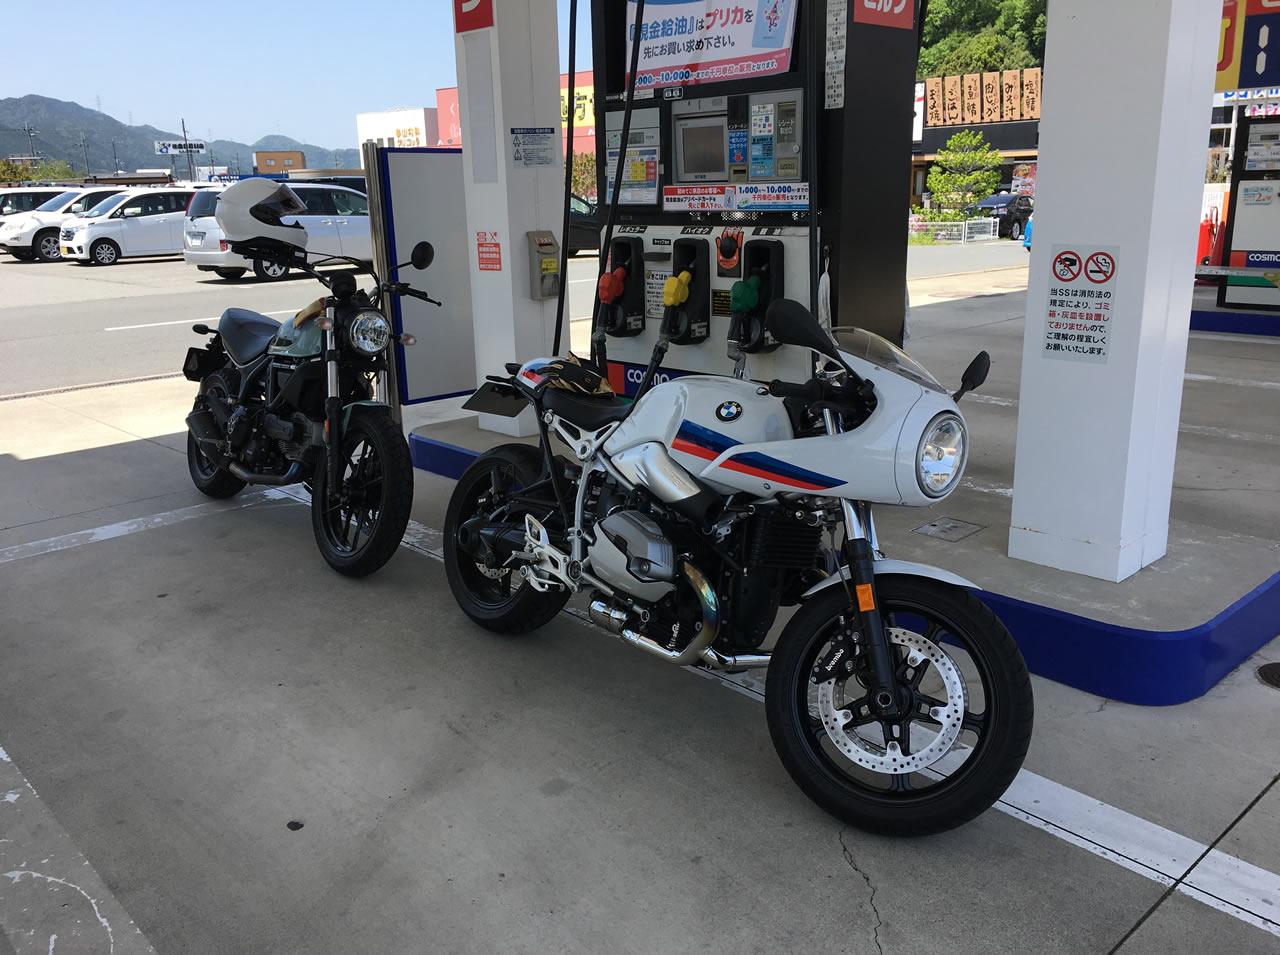 ツーリングの前には、ガソリン補給